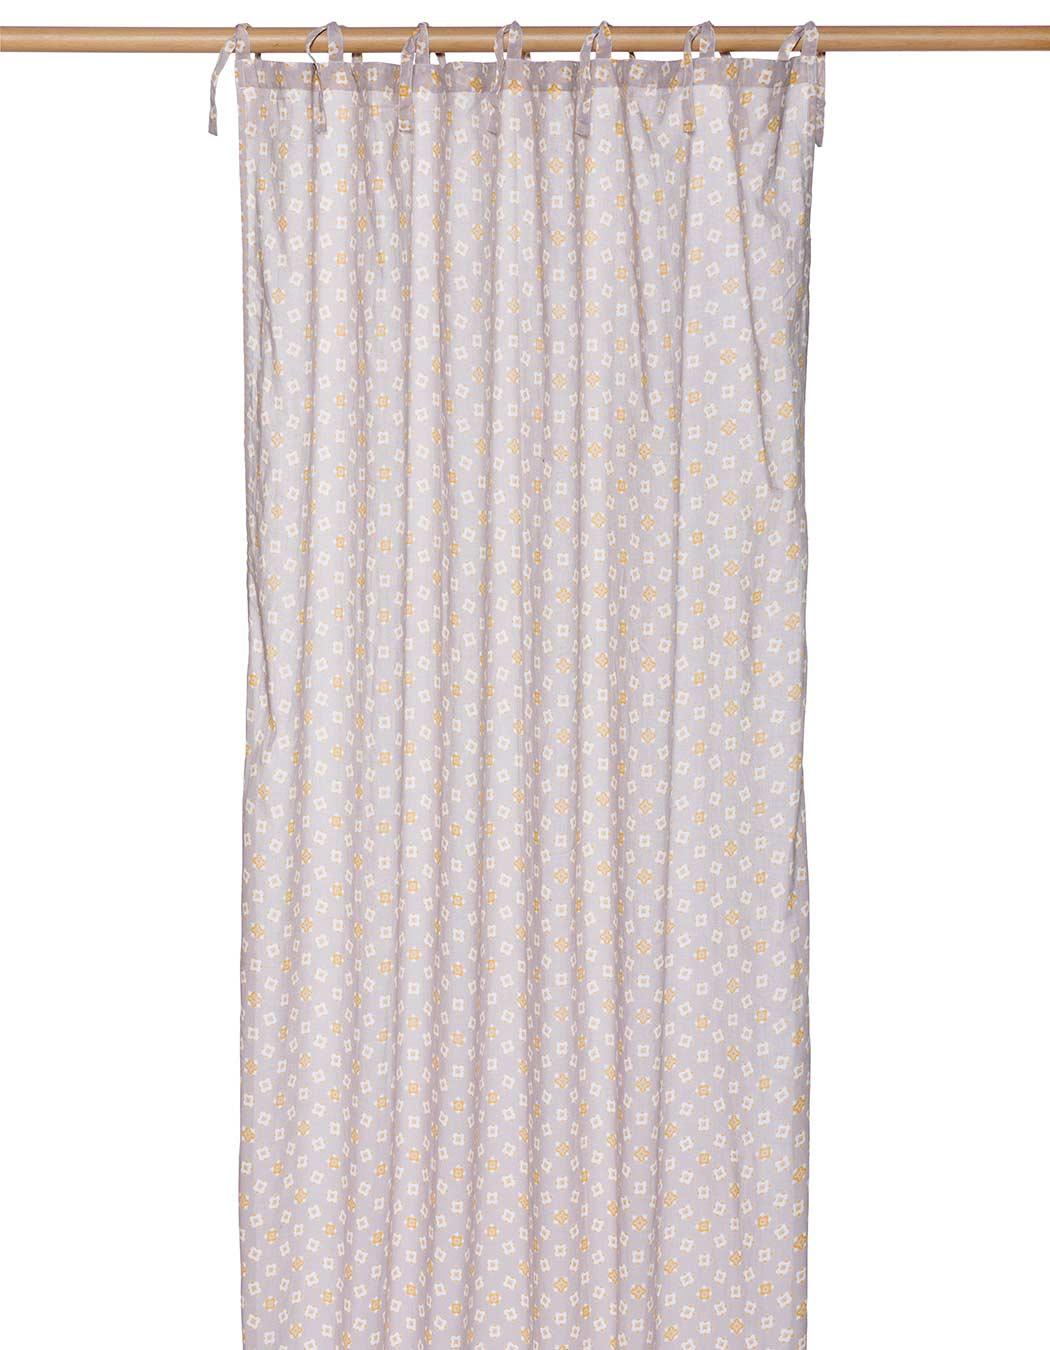 Rideau voile en coton mercure 100 x 250